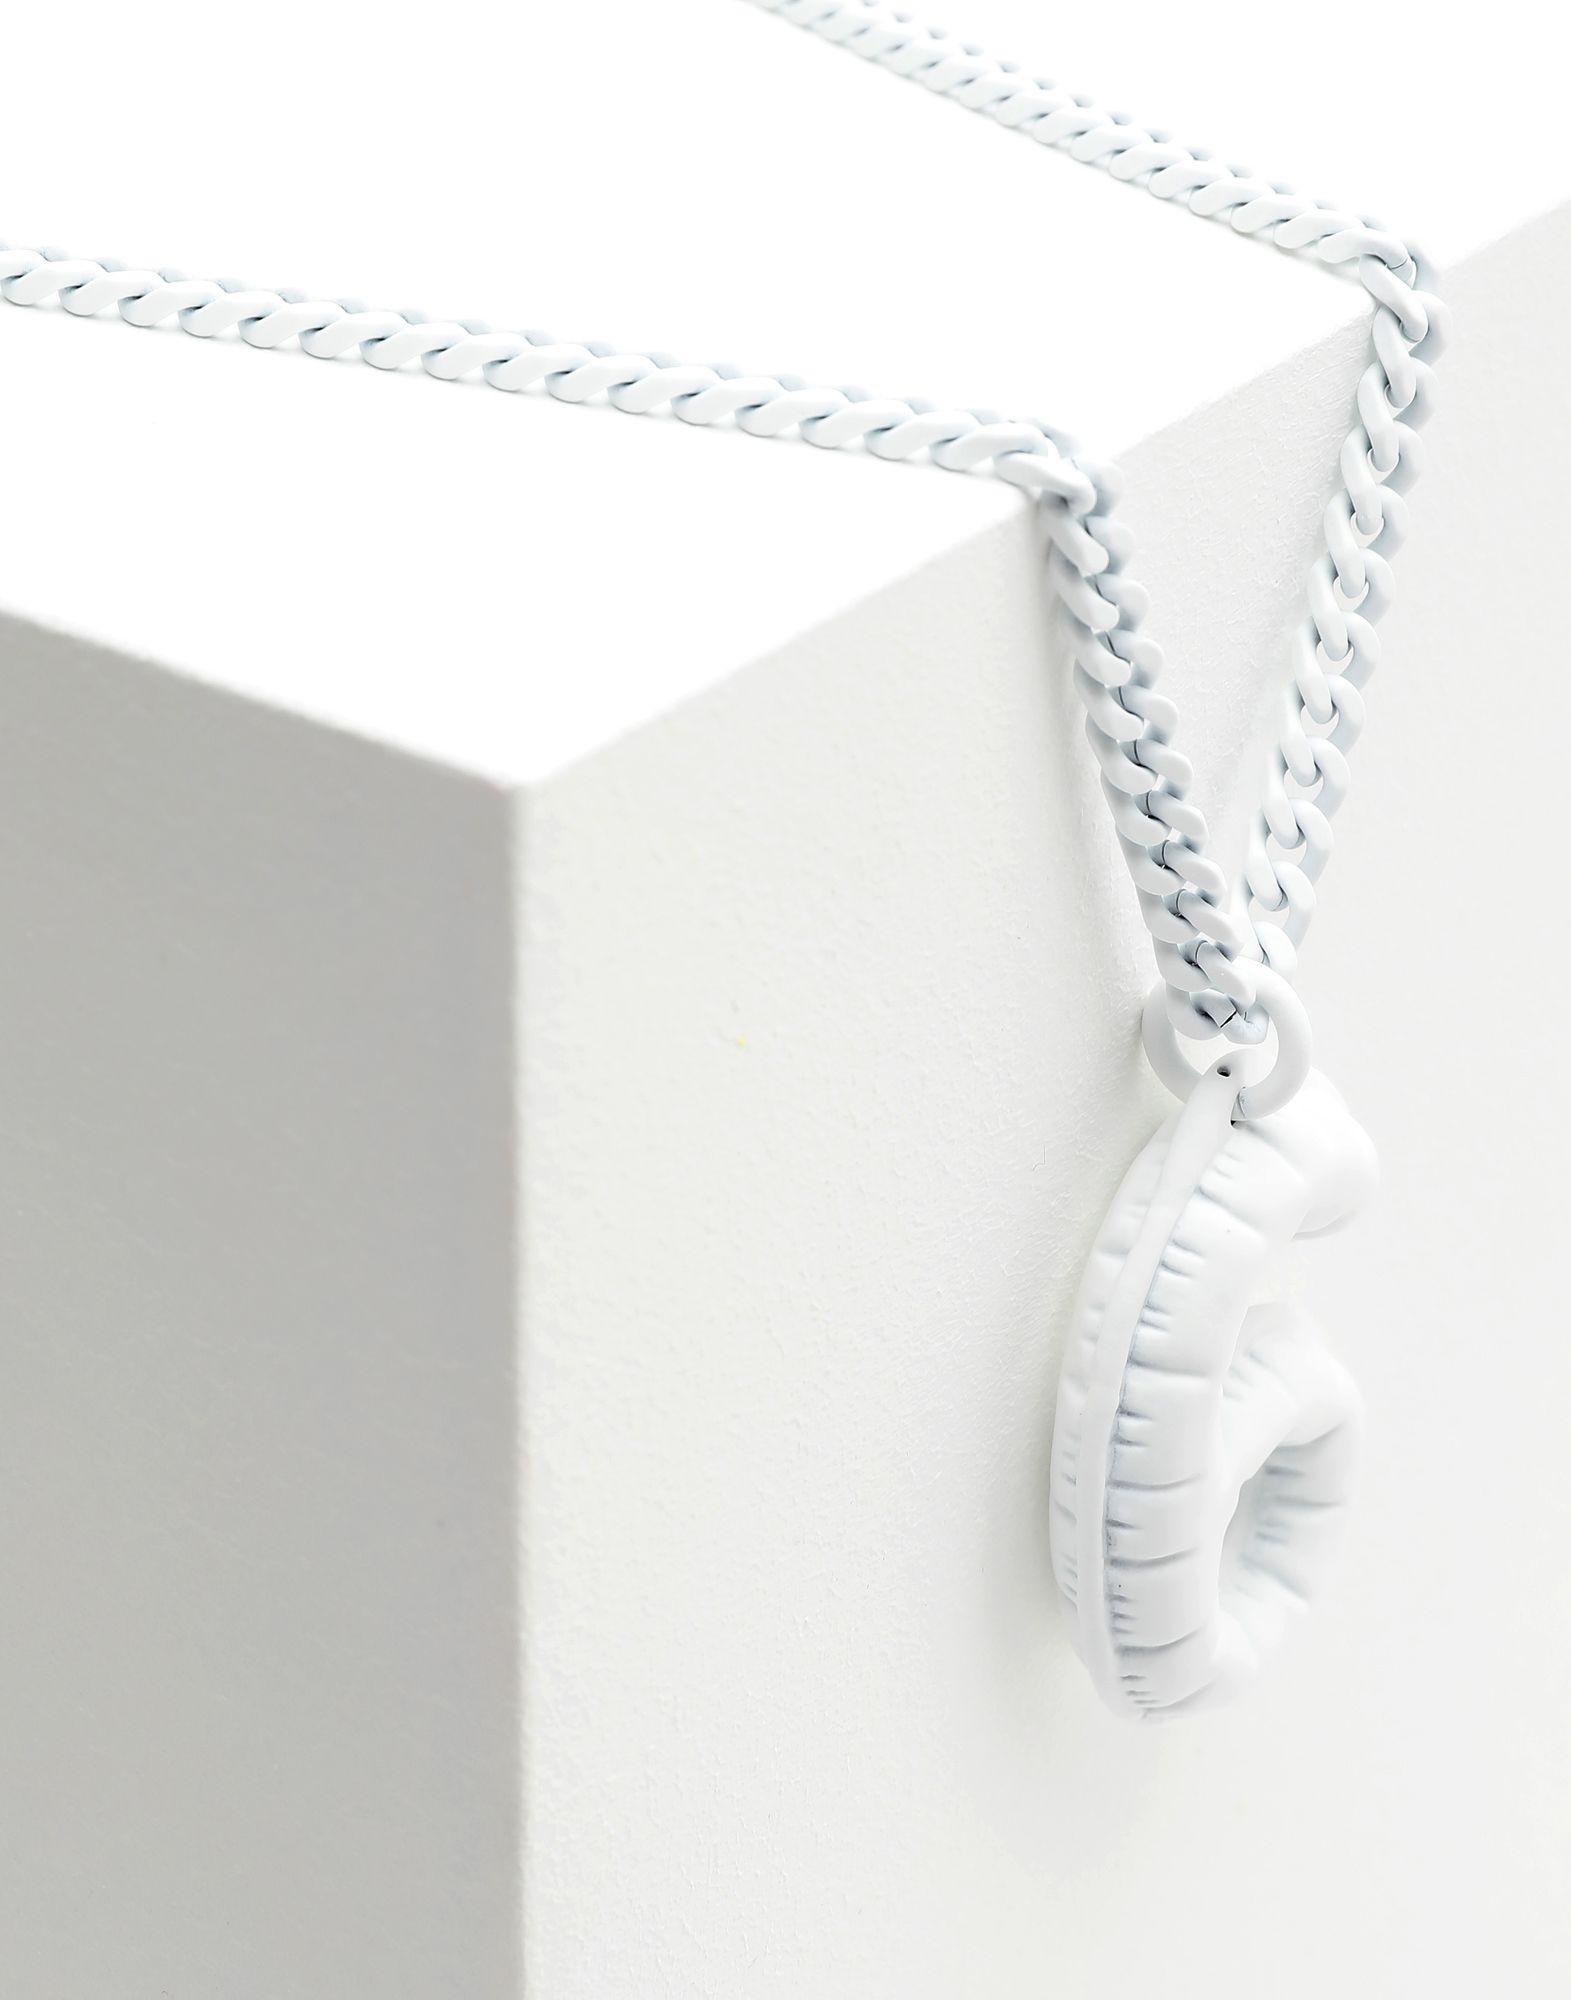 MM6 MAISON MARGIELA Collana con logo '6' Collana Donna a